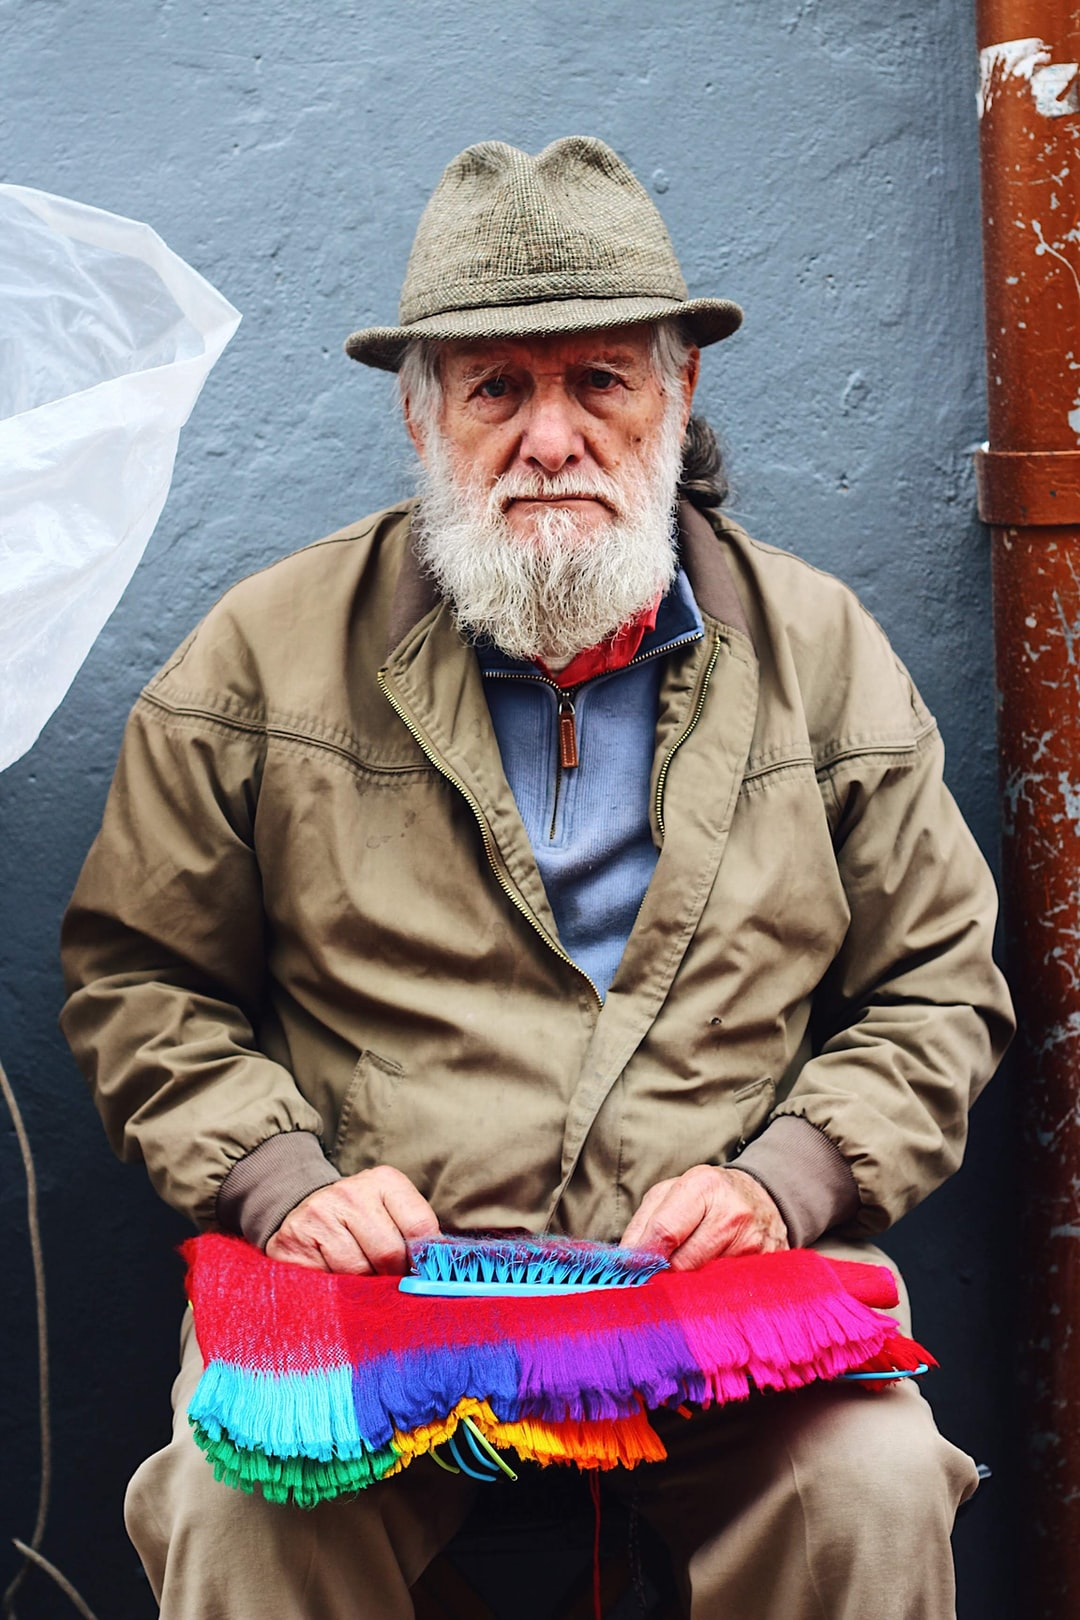 Senhor com chapéu fazendo artesanato em Bogotá, Colômbia